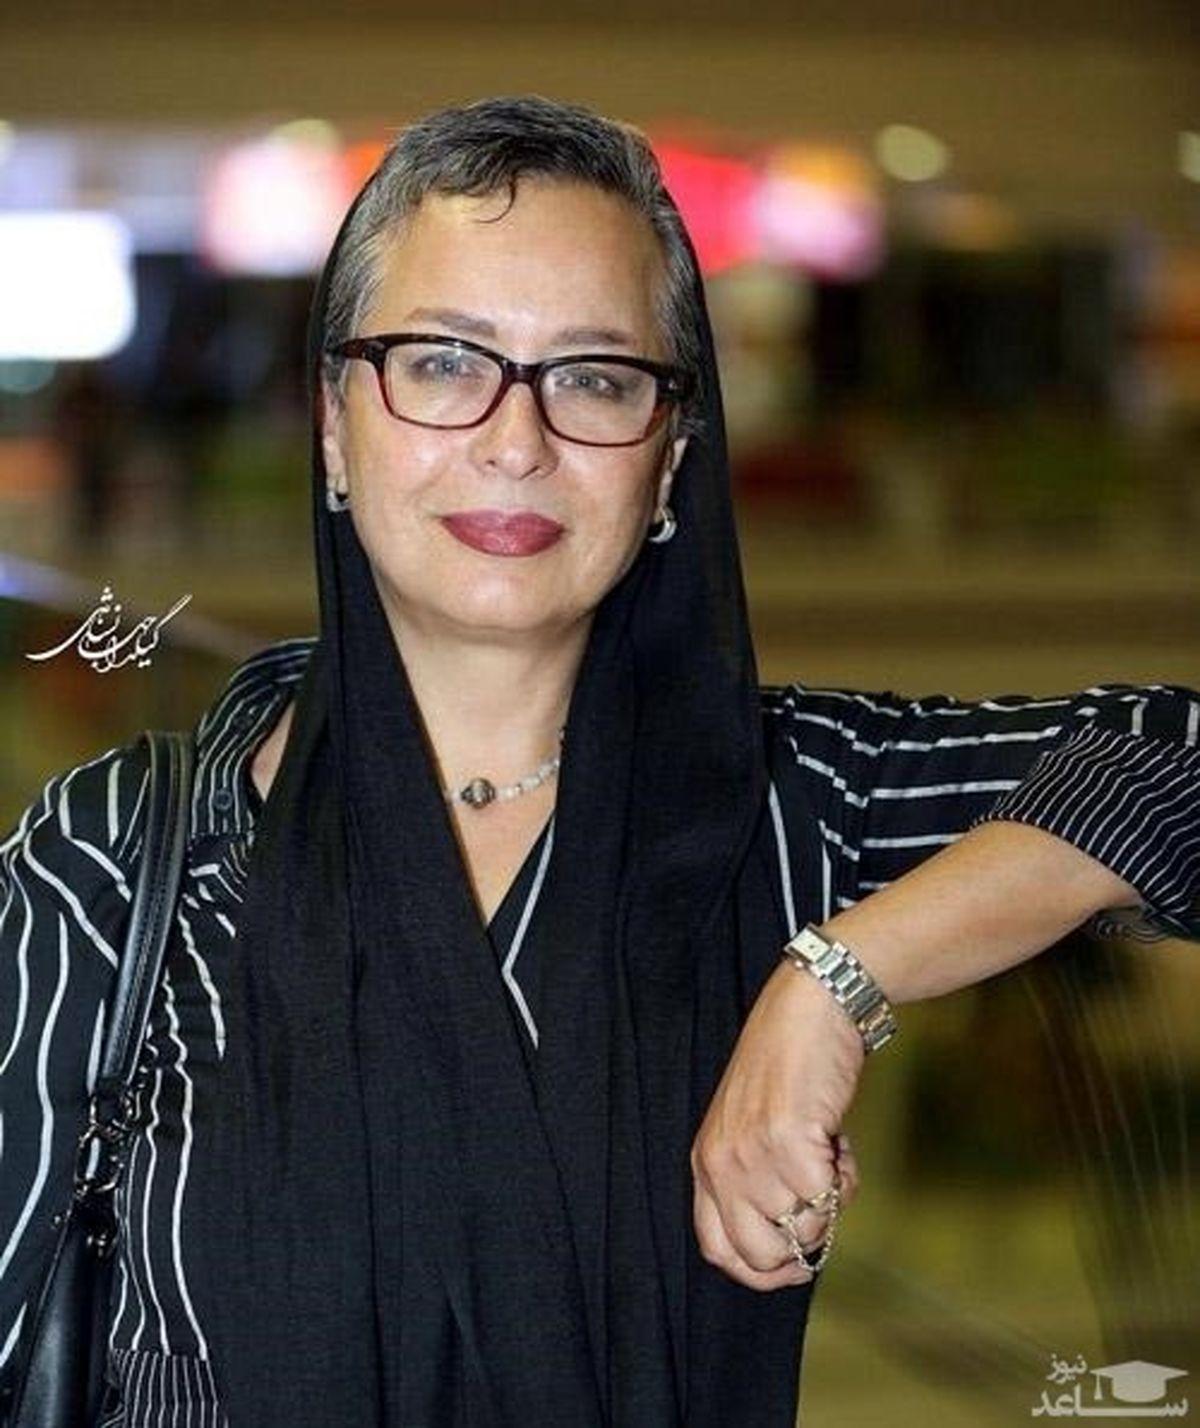 محمد هراتی شوهر جدید آزیتا حاجیان کیست؟